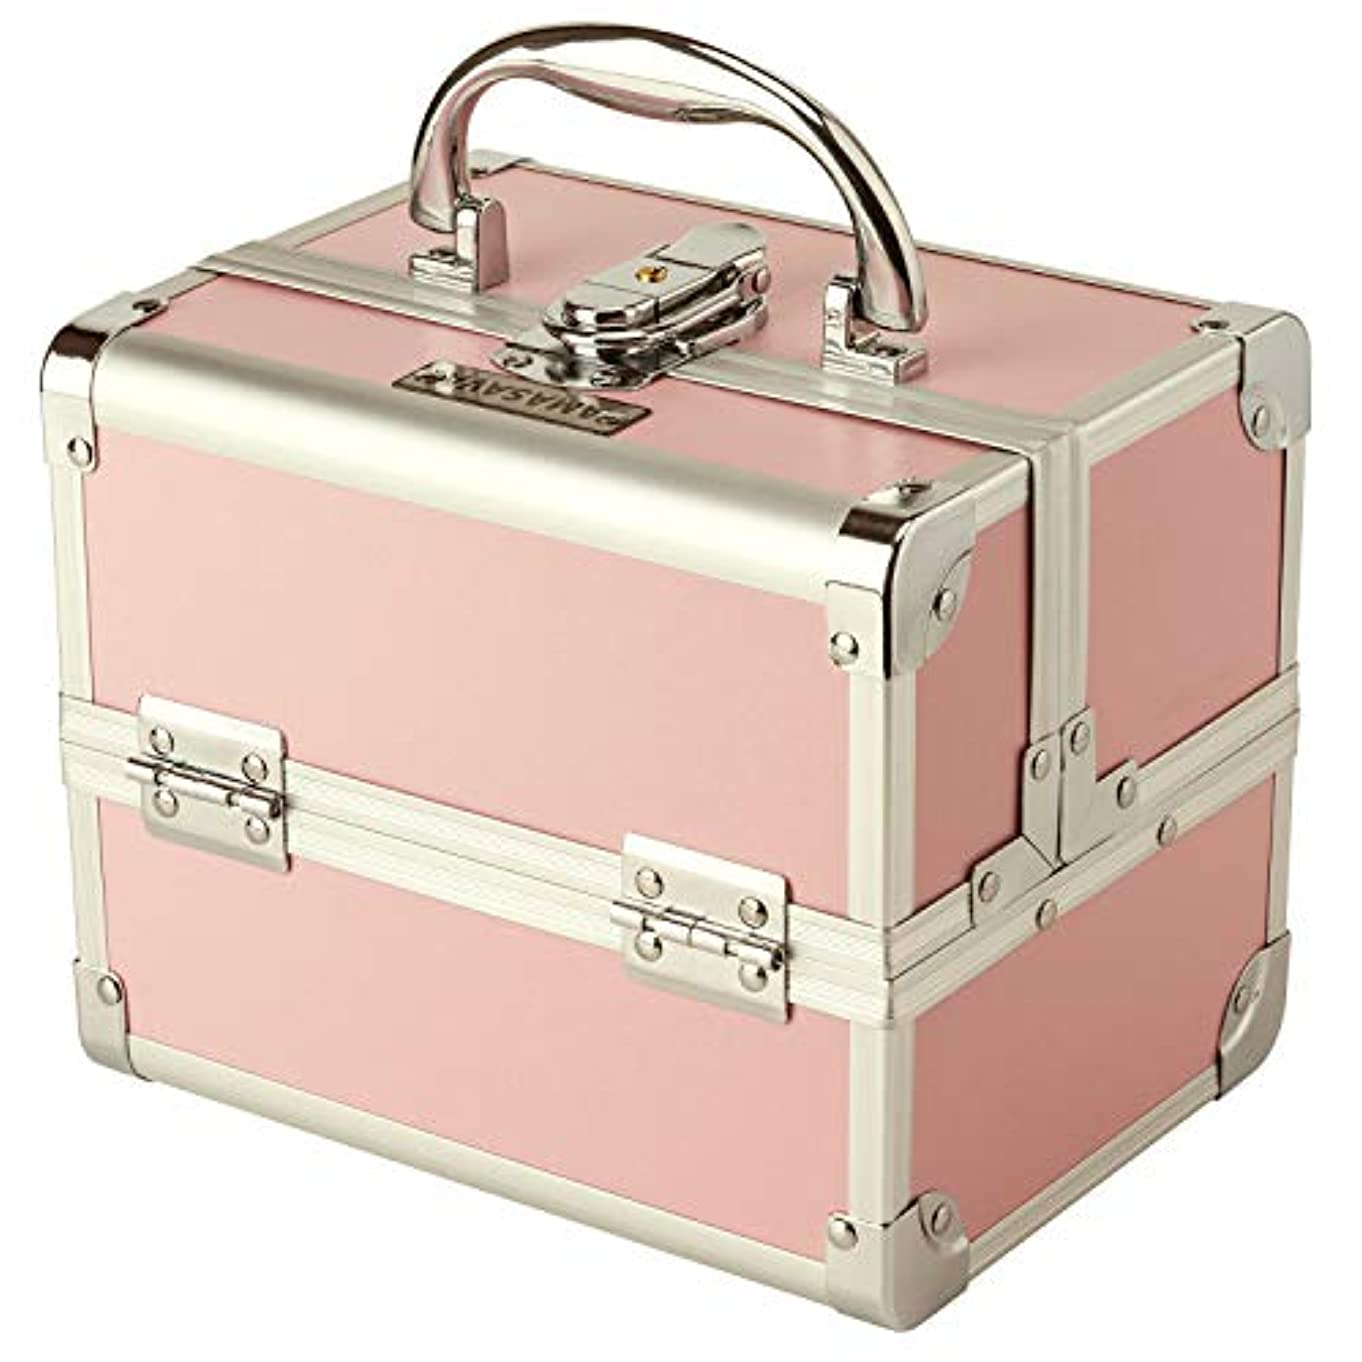 物理的にフェザー部族Amasava メイクボックス 鏡付き コスメボックス プロ用 収納ボックス 化粧品 ジュエリー ネイルカラー メイク道具入れ 鍵付き コンパクト ピンク